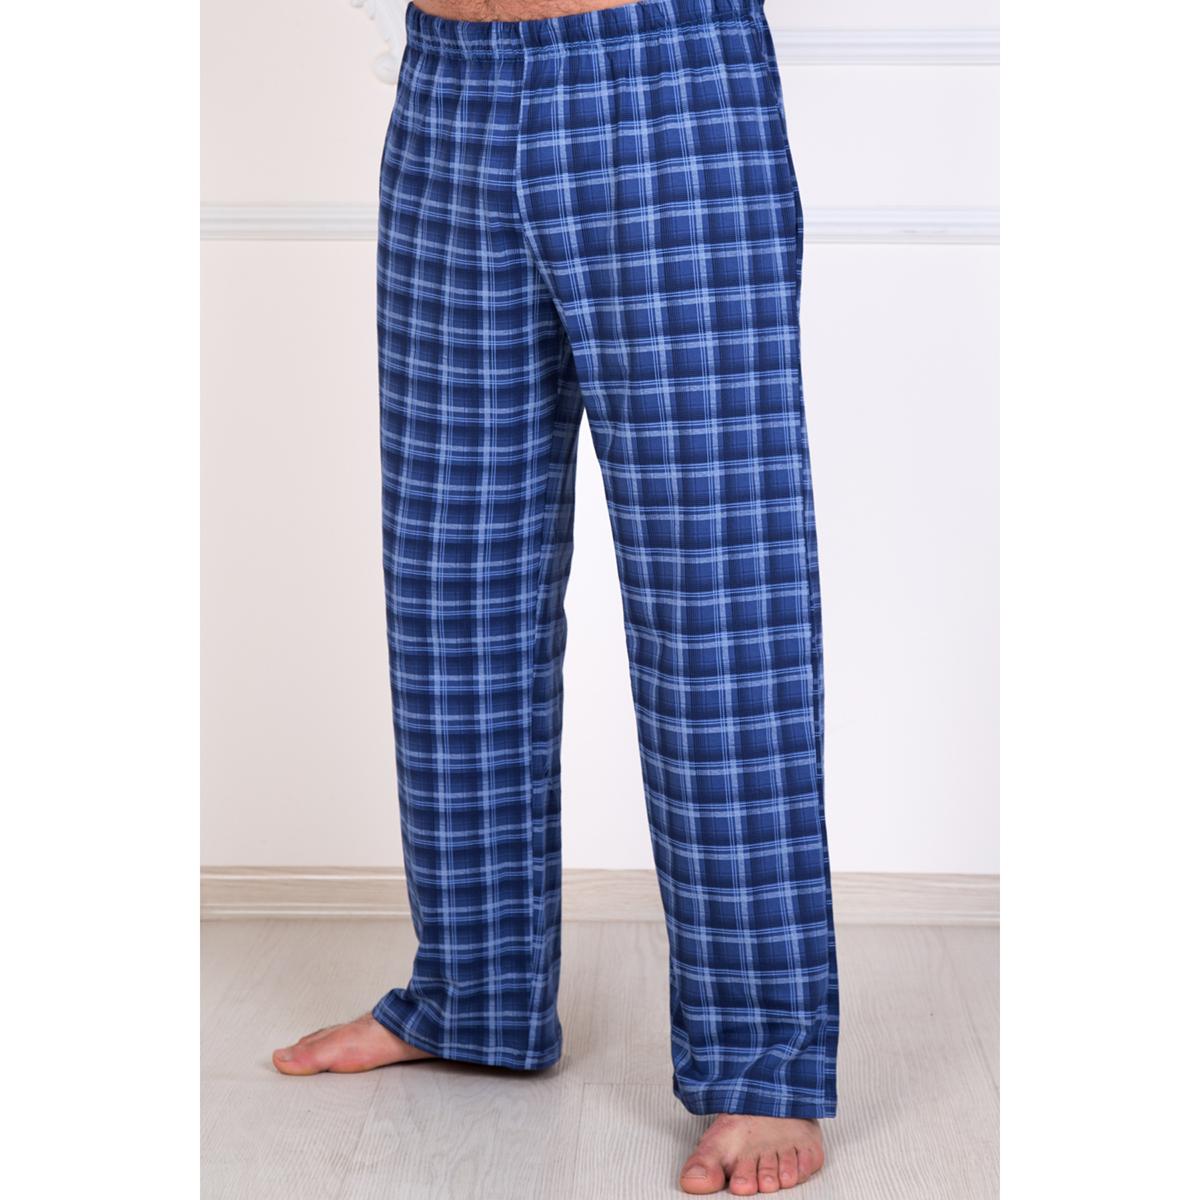 Мужские брюки Клетка, размер 48Брюки<br>Обхват груди: 96 см <br>Обхват талии: 88 см <br>Обхват бедер: 102 см <br>Рост: 172-180 см<br><br>Тип: Муж. брюки<br>Размер: 48<br>Материал: Кулирка